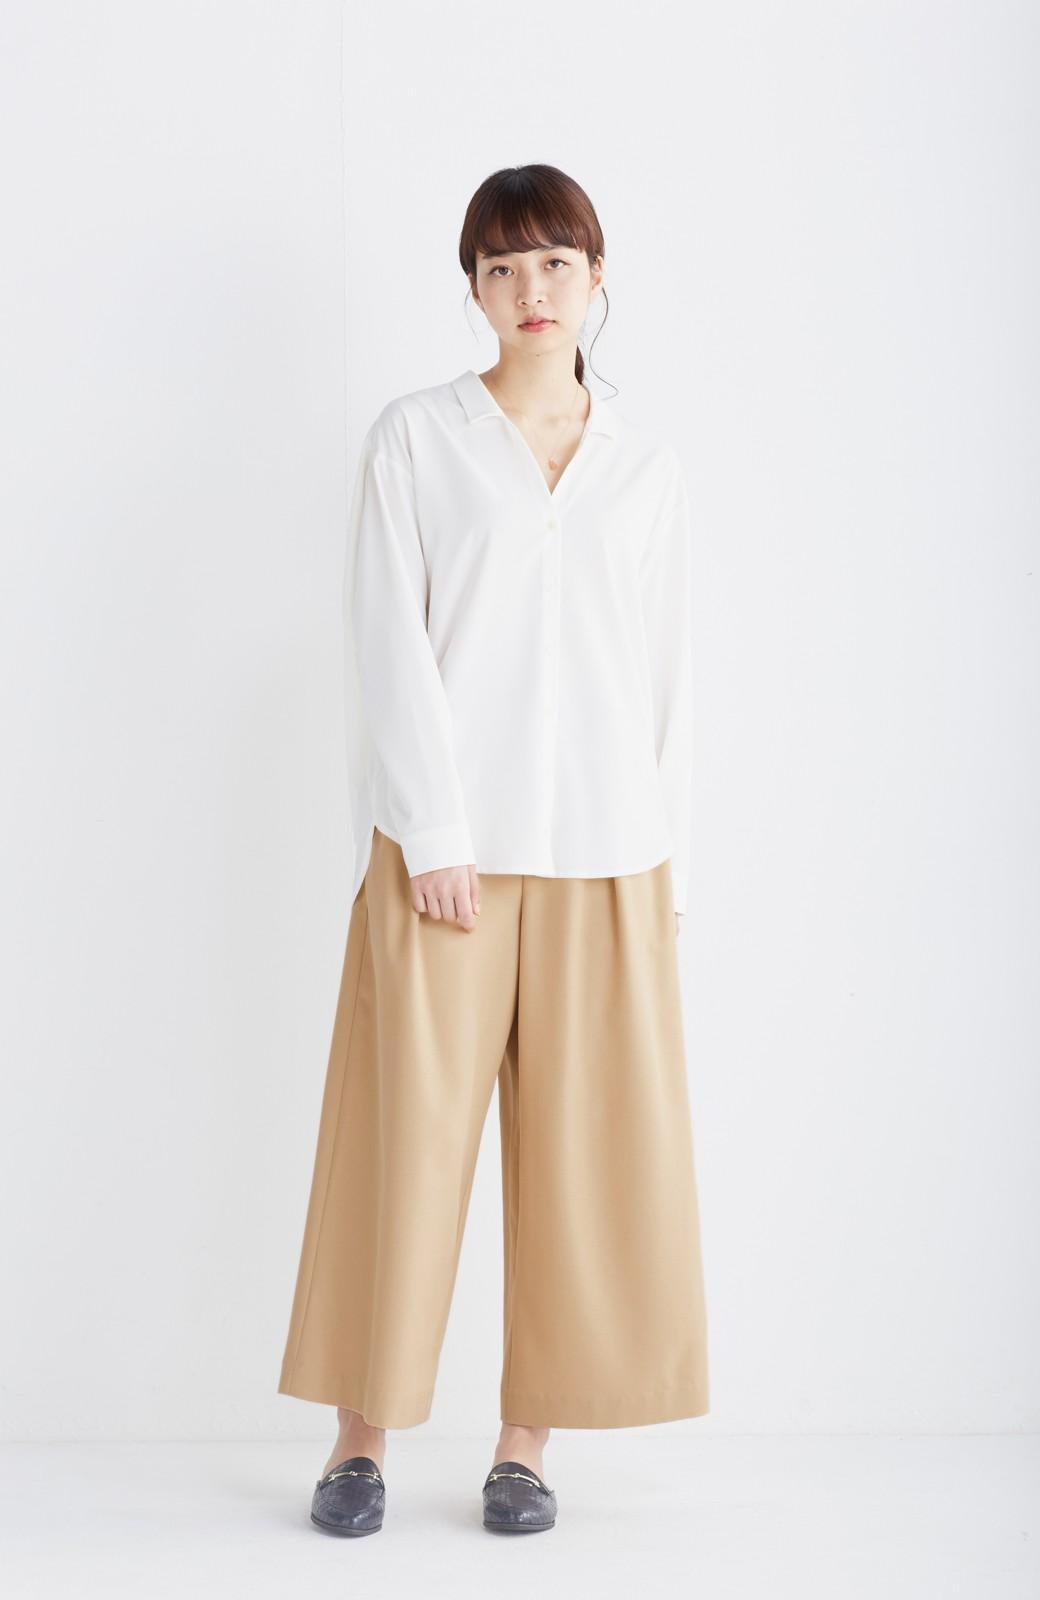 エムトロワ 女らしくてかっこいい スキッパー&抜き衿のとろみシャツ <ホワイト>の商品写真4